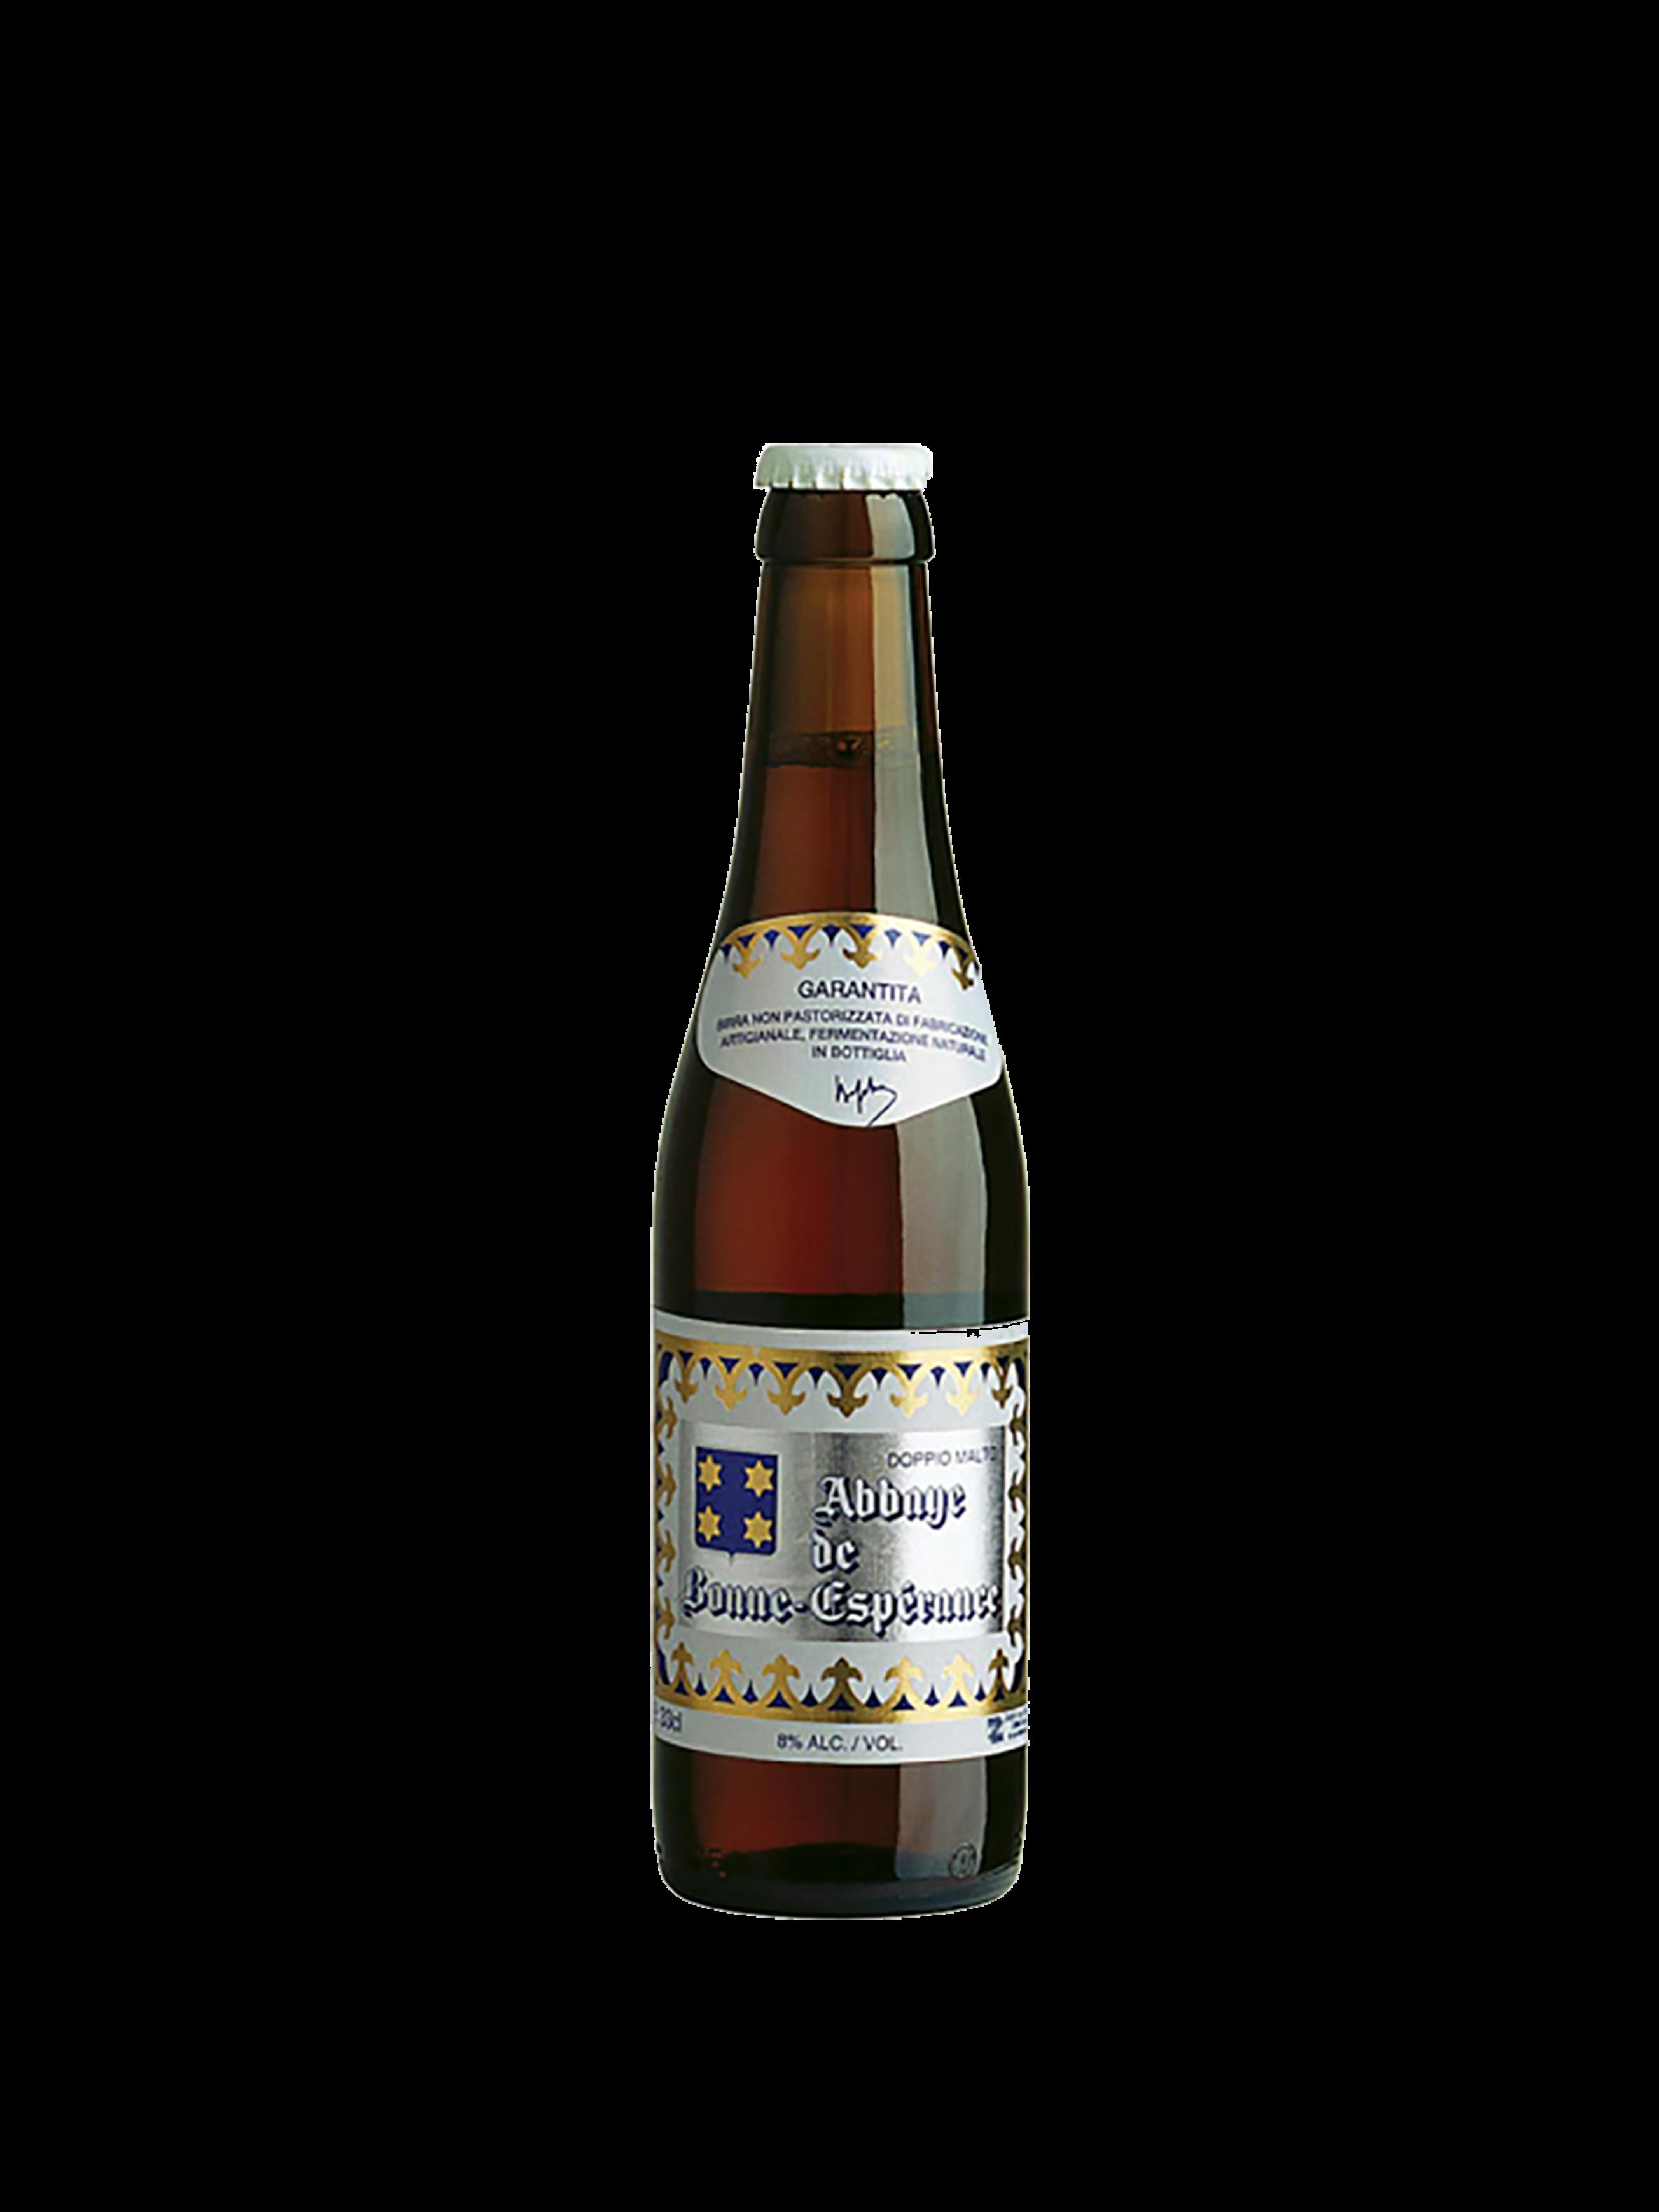 Bottiglia di birra con etichetta bianca con il nome della birra in nero